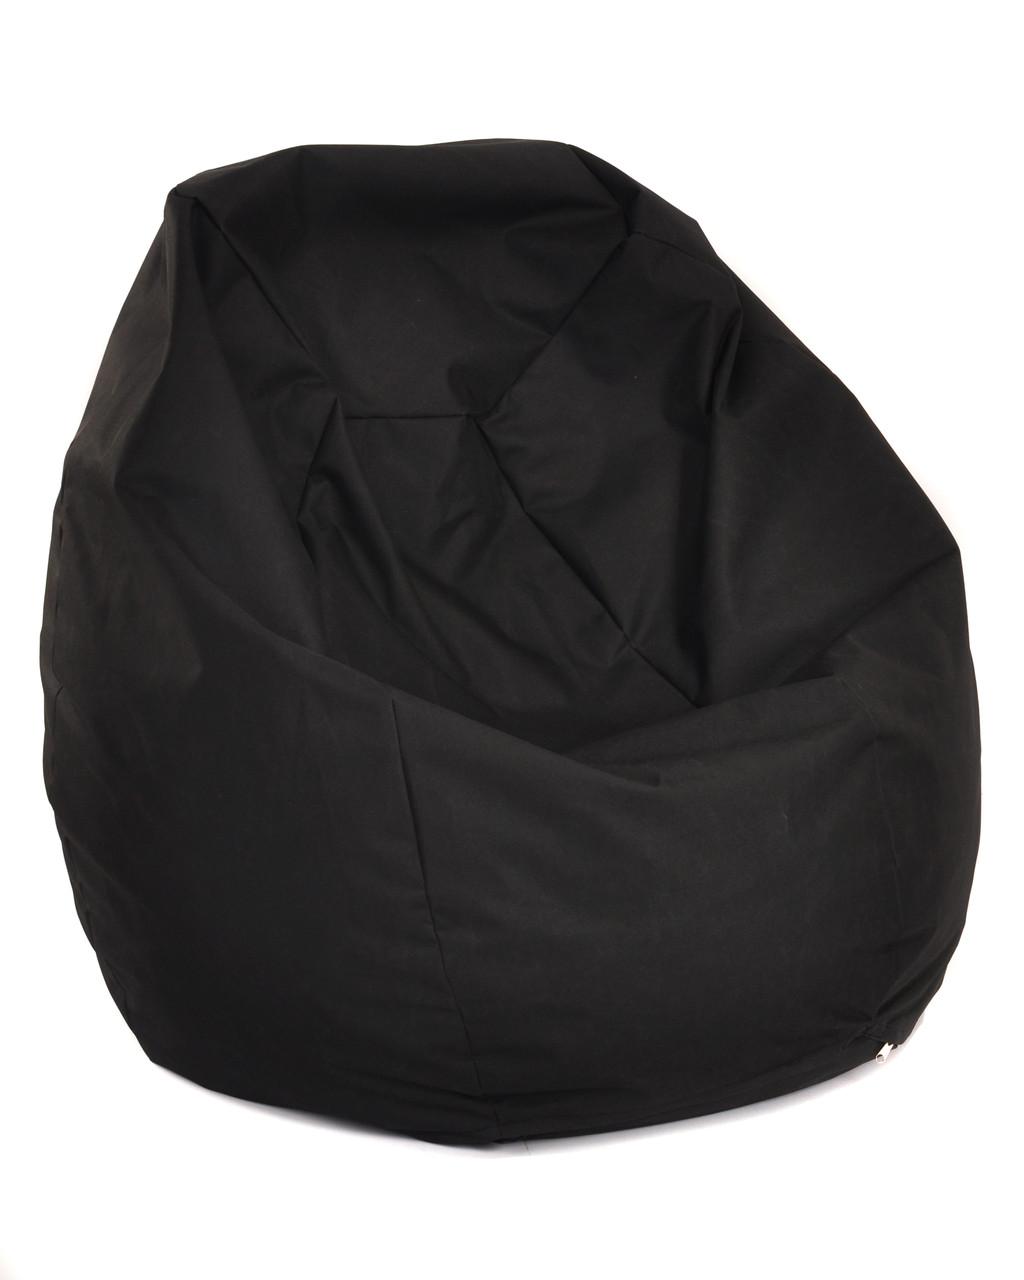 Пуф Груша Размер ХL 110*90 см, оксфорд черный